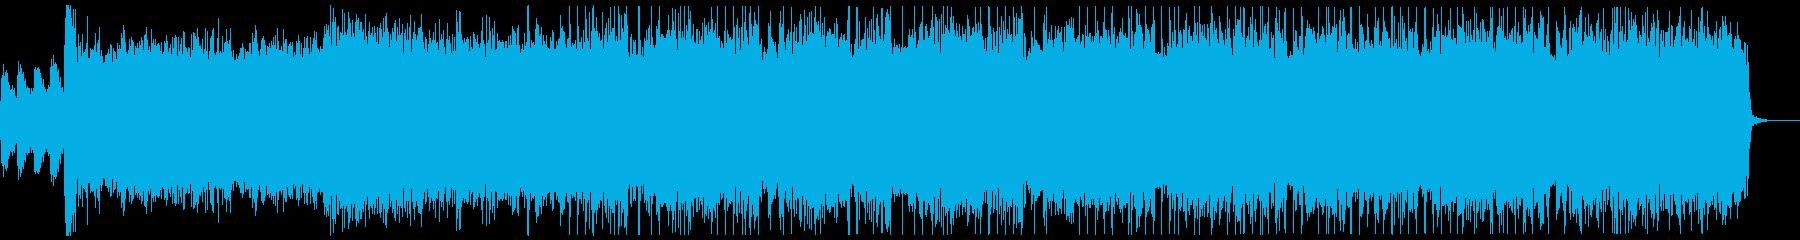 逃走 バトル ハードコアパンク モヒカンの再生済みの波形